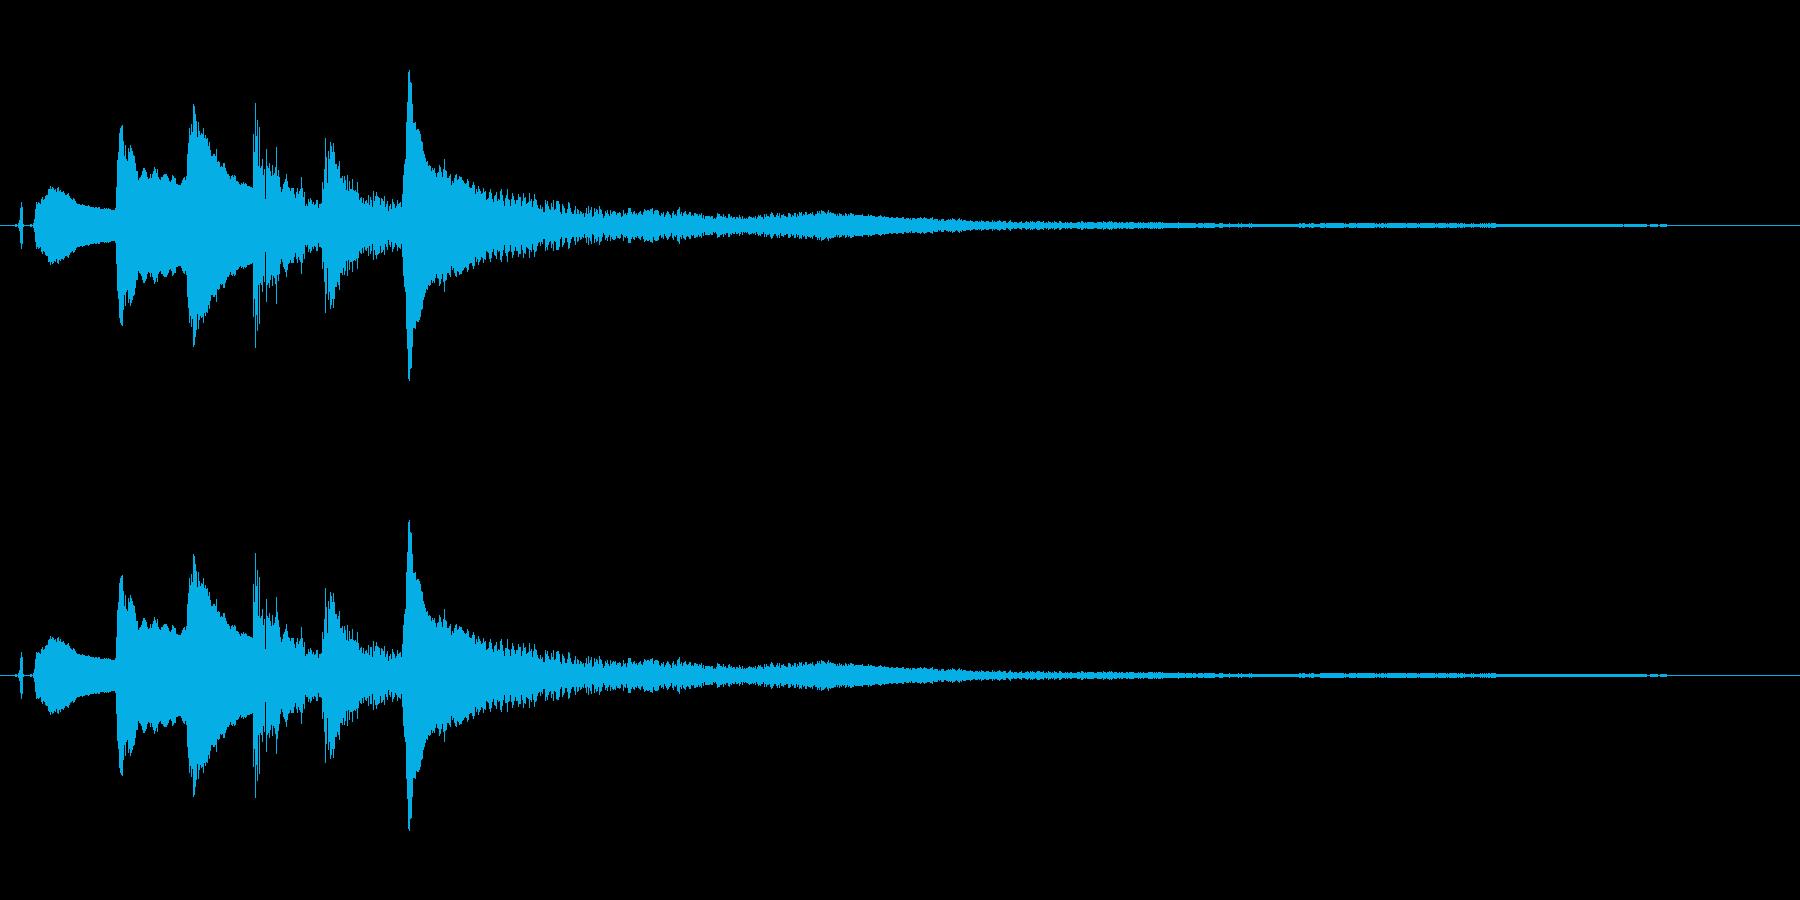 ピアノ。ホラーの発見音など。の再生済みの波形